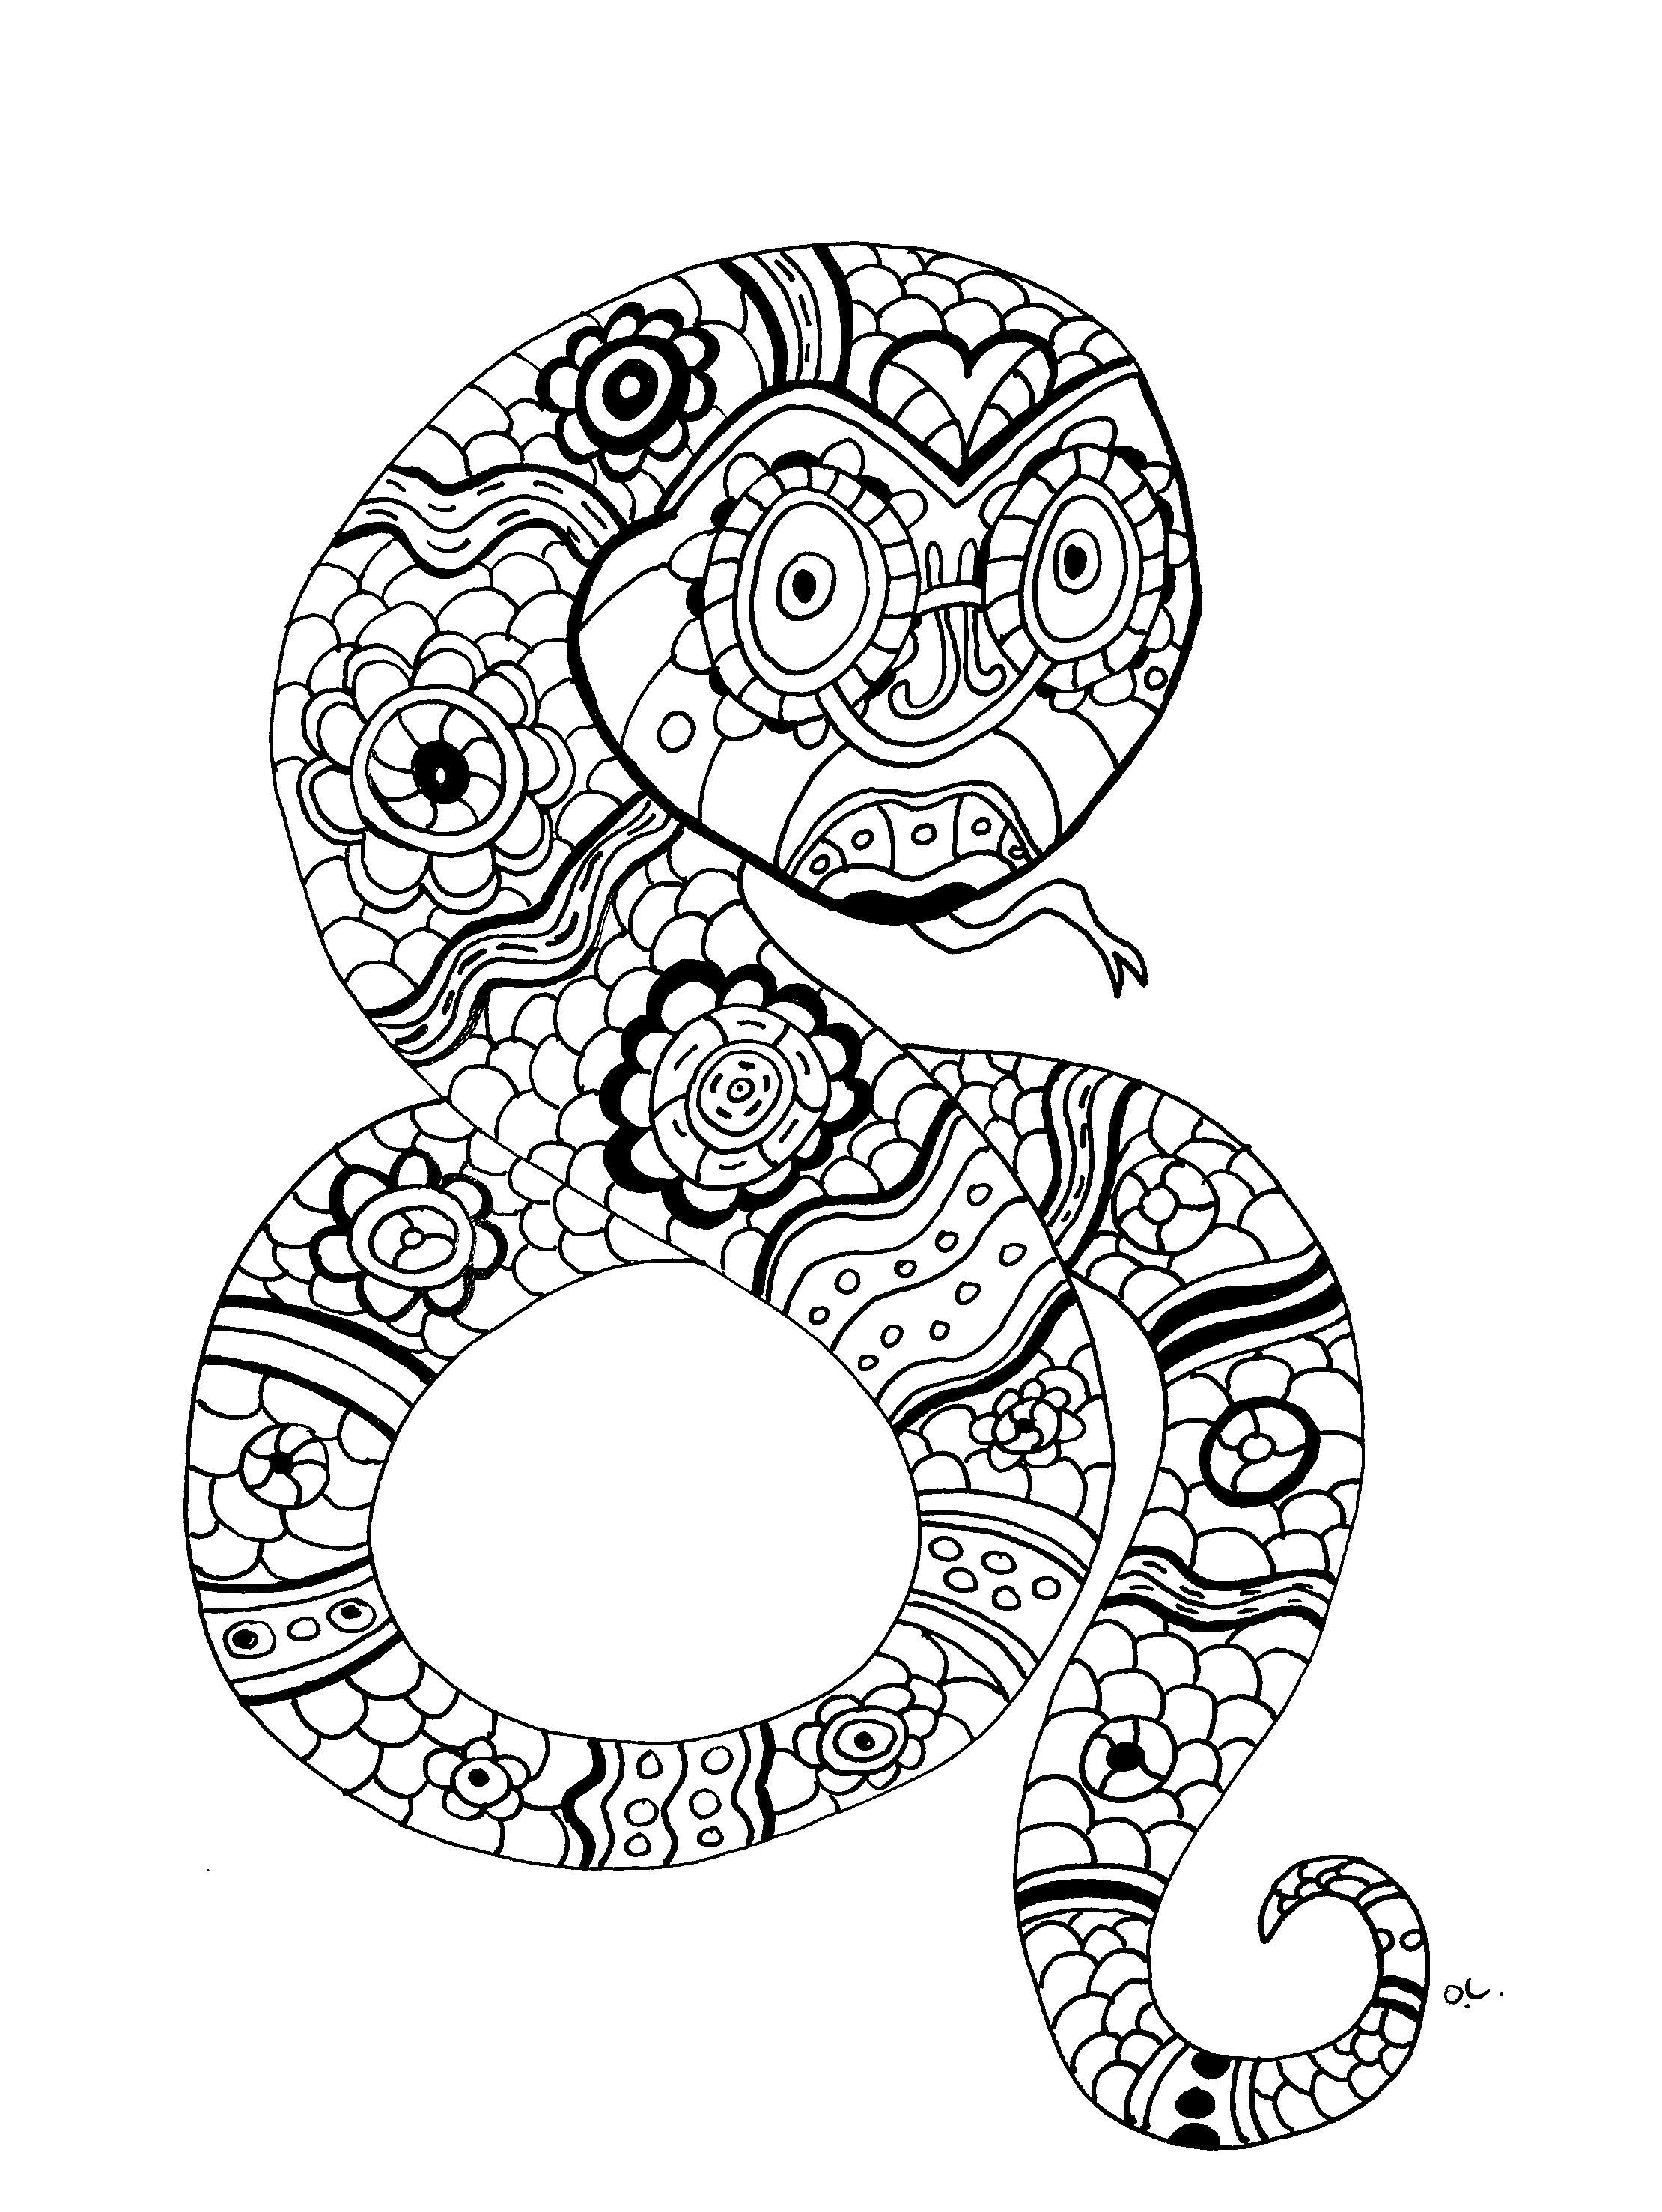 Disegni da colorare per adulti : Serpenti - 5